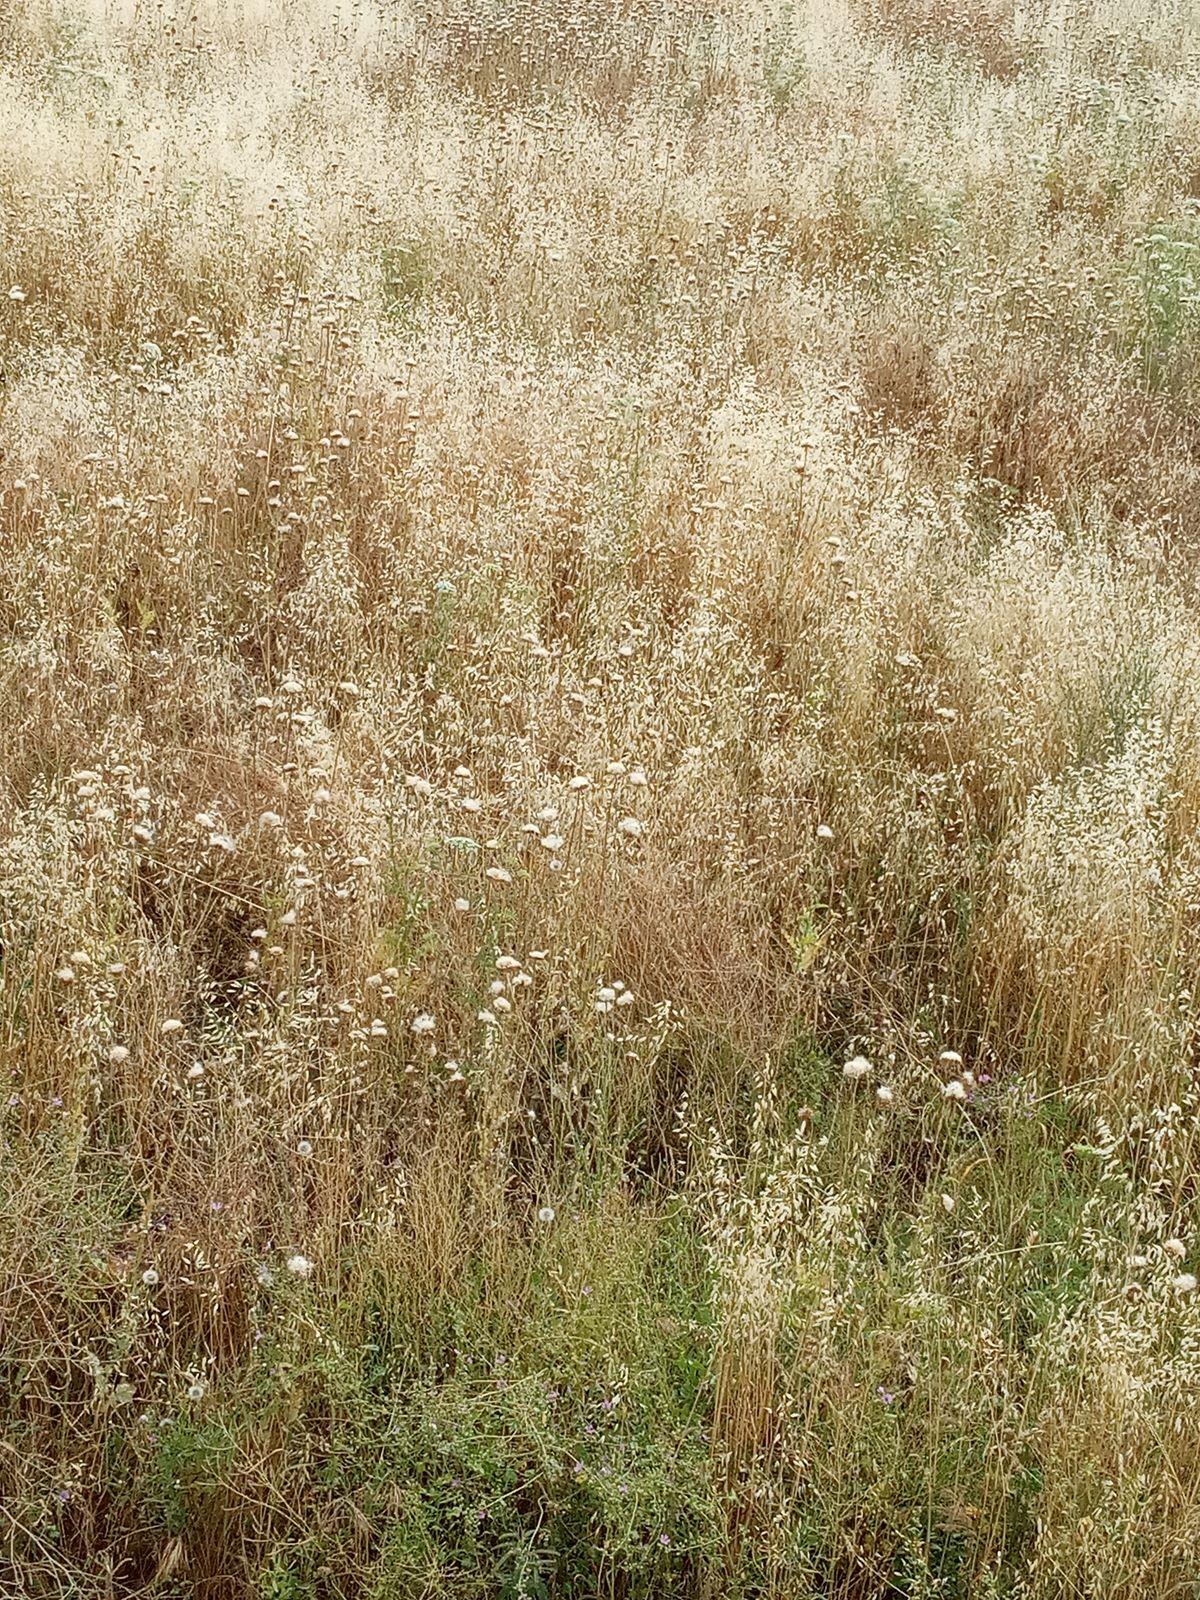 Θεόρατα ξερά χόρτα στη Λάρισα αποτελούν διπλό κίνδυνο (φωτο)